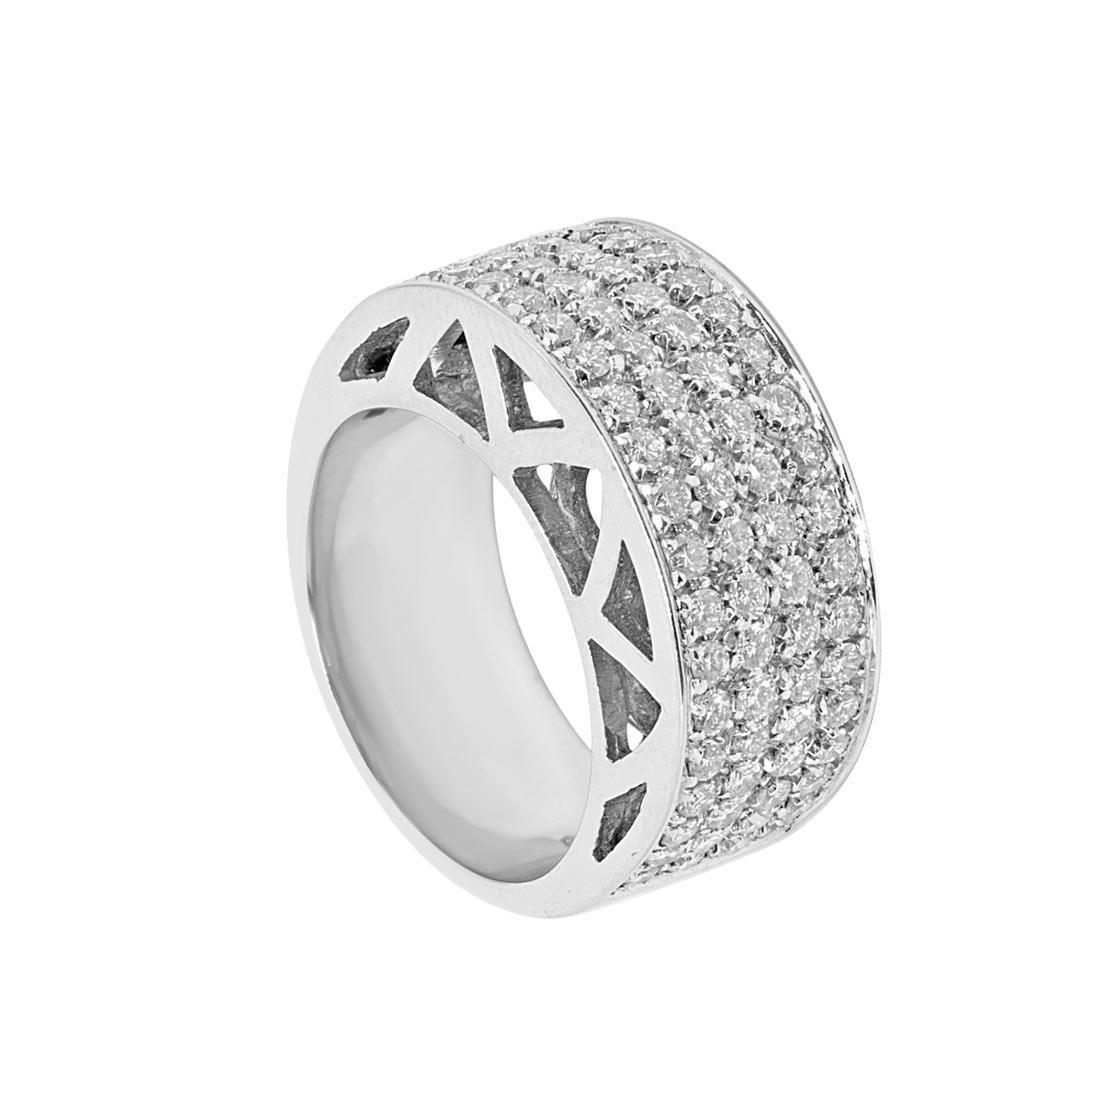 Anello Oro & Co in oro bianco con diamanti 1.51 ct, misura 14 - ORO&CO